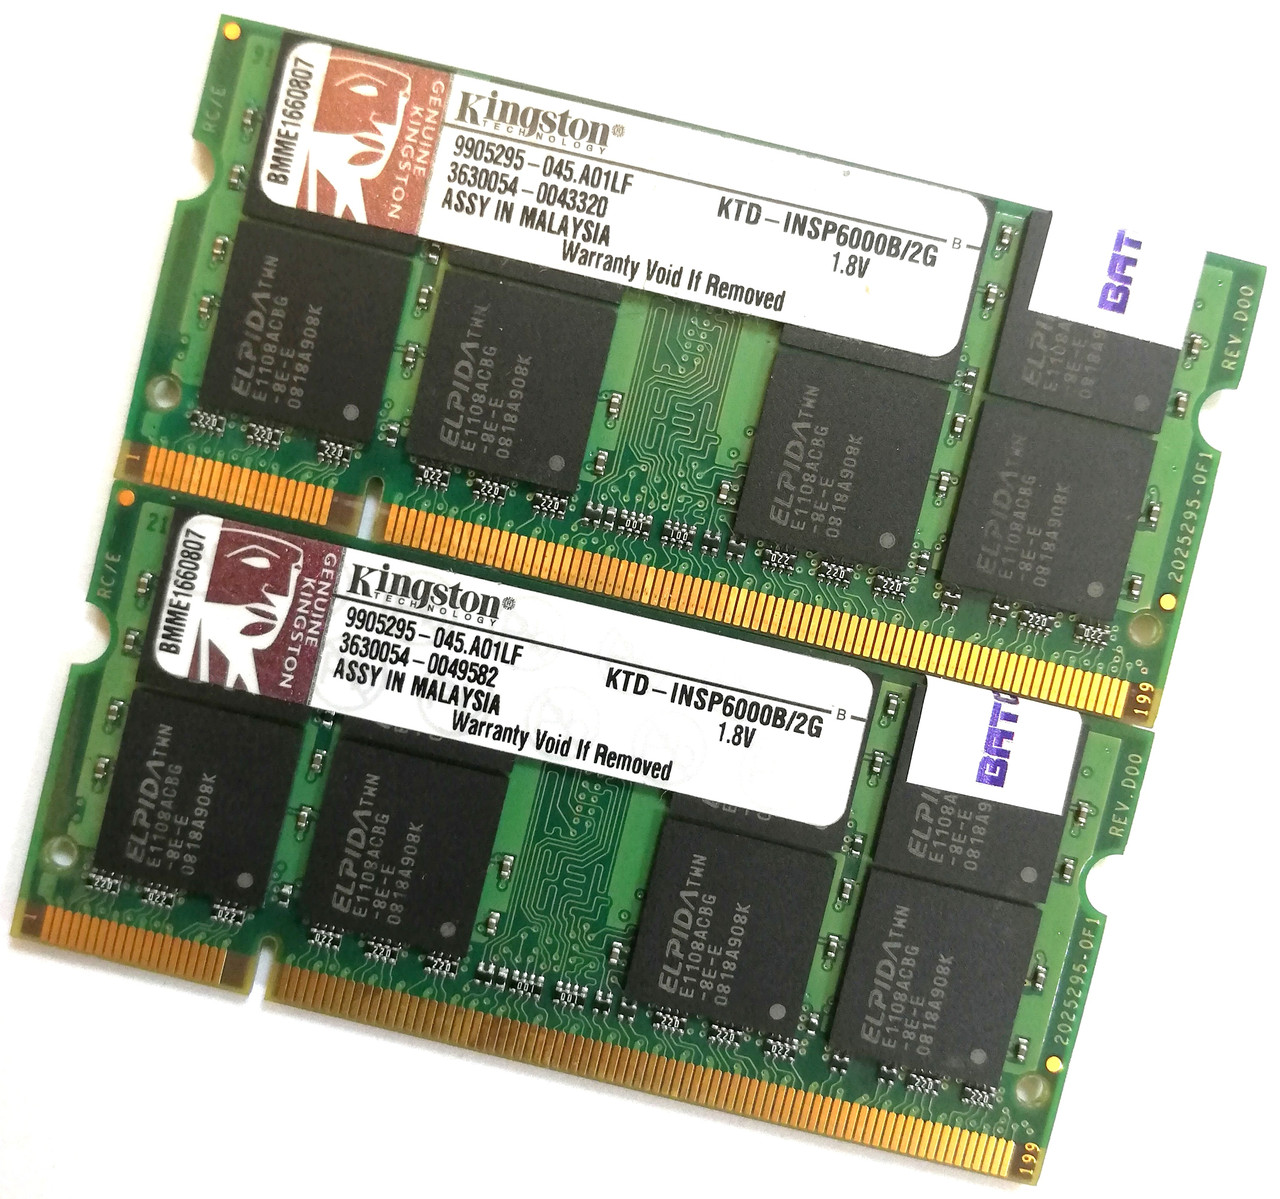 Оперативная память для ноутбука Kingston SODIMM DDR2 4Gb (2Gb+2Gb) 667MHz 5300 2R8  CL5 (KTD-INSP6000B/2G) Б/У